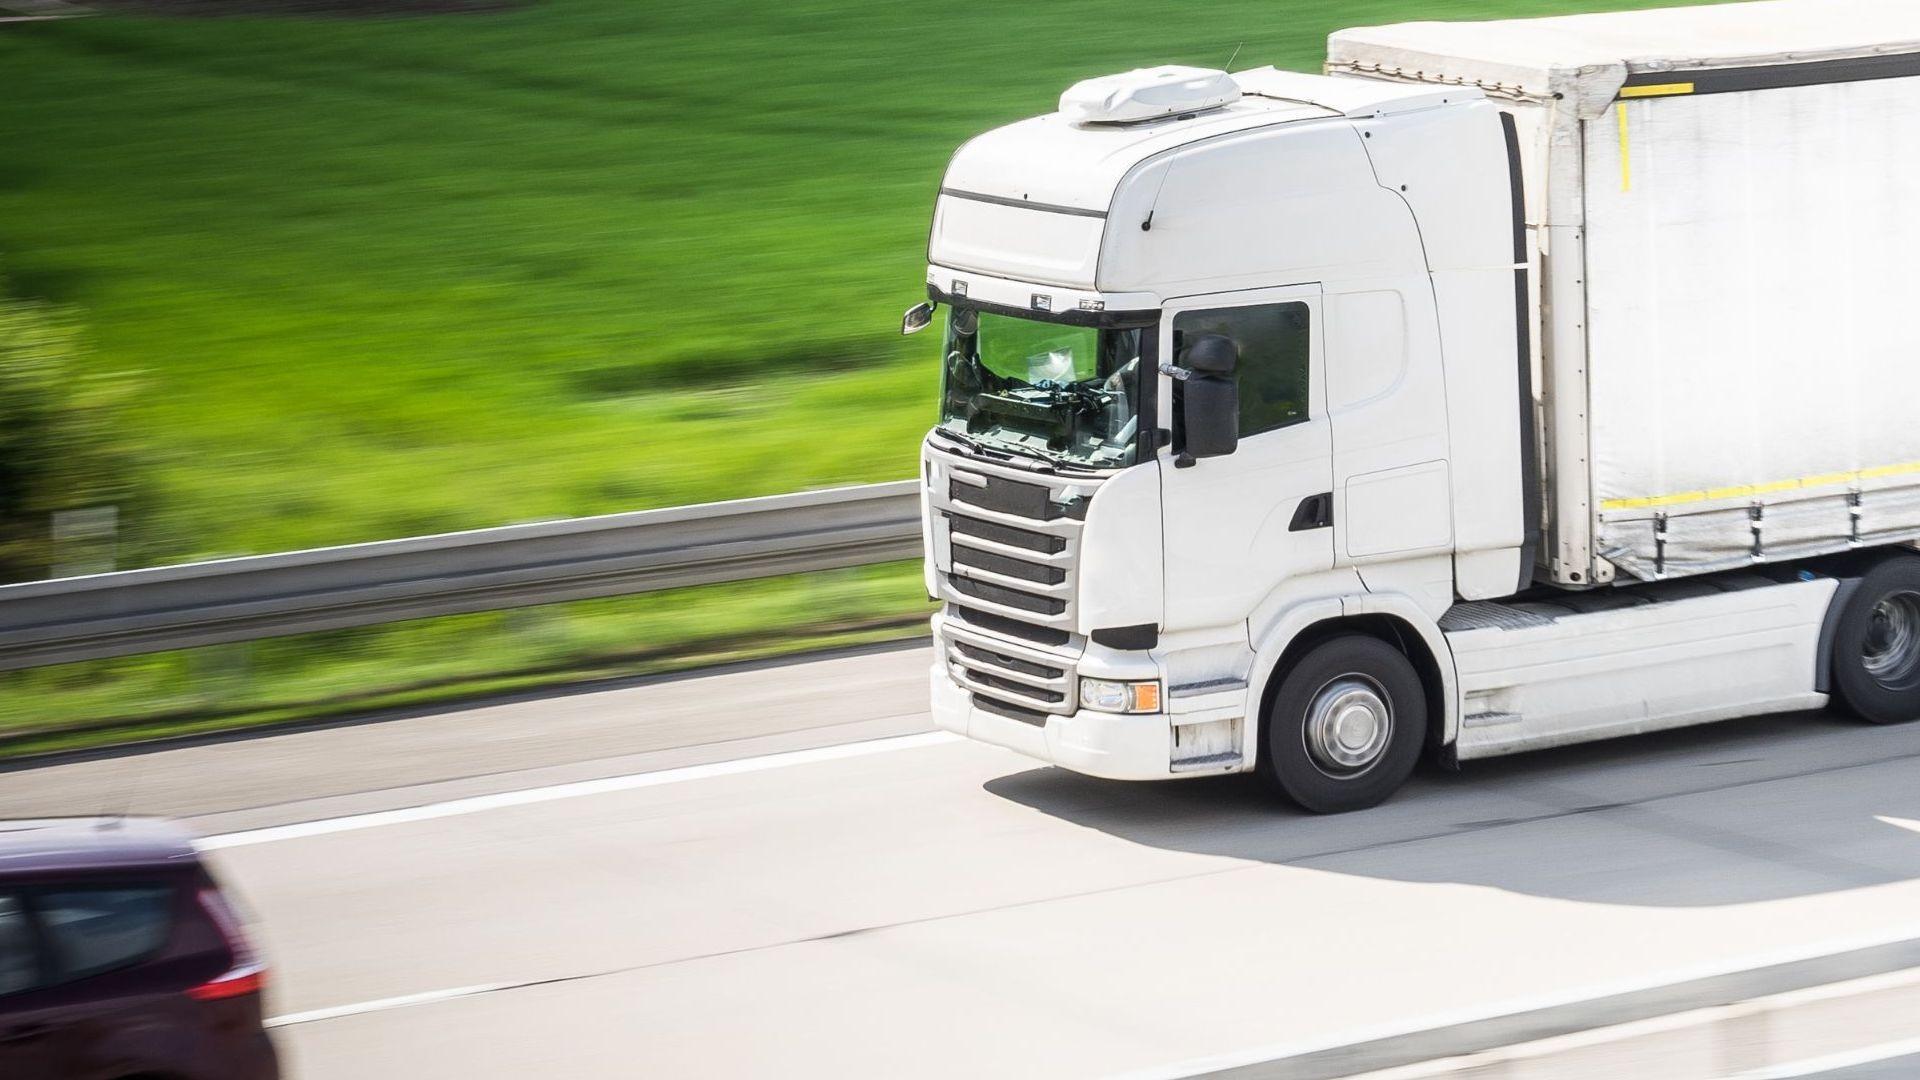 camion_transporte_autonomo_logistica